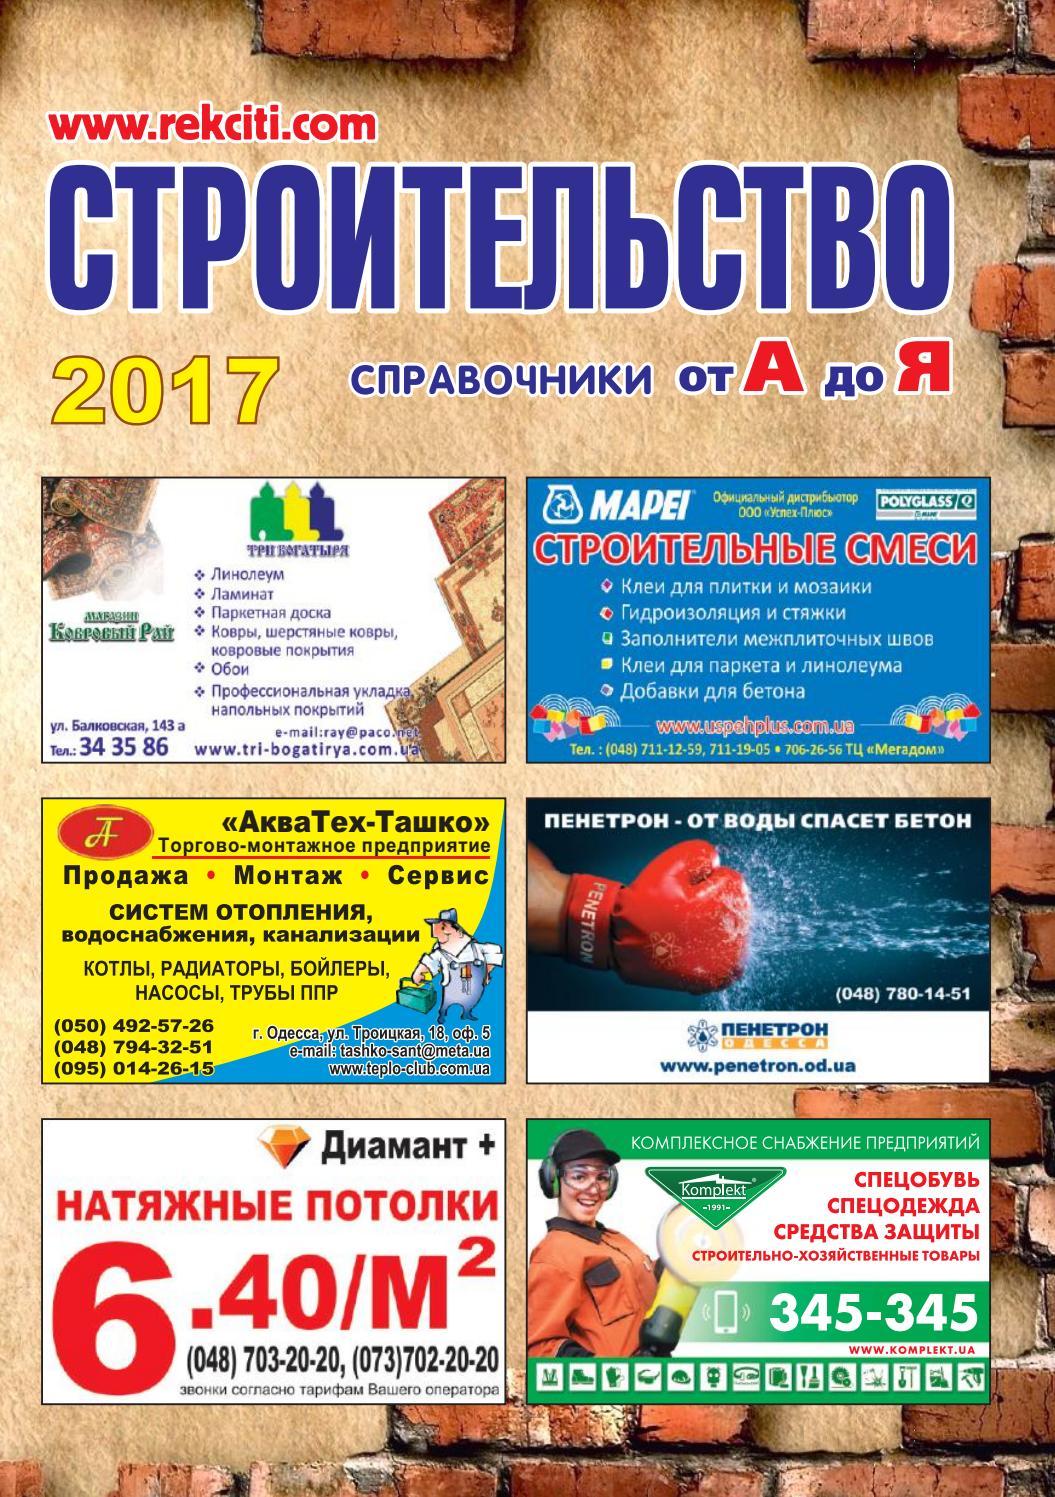 Балковская/Универсам - YouTube | 1497x1055